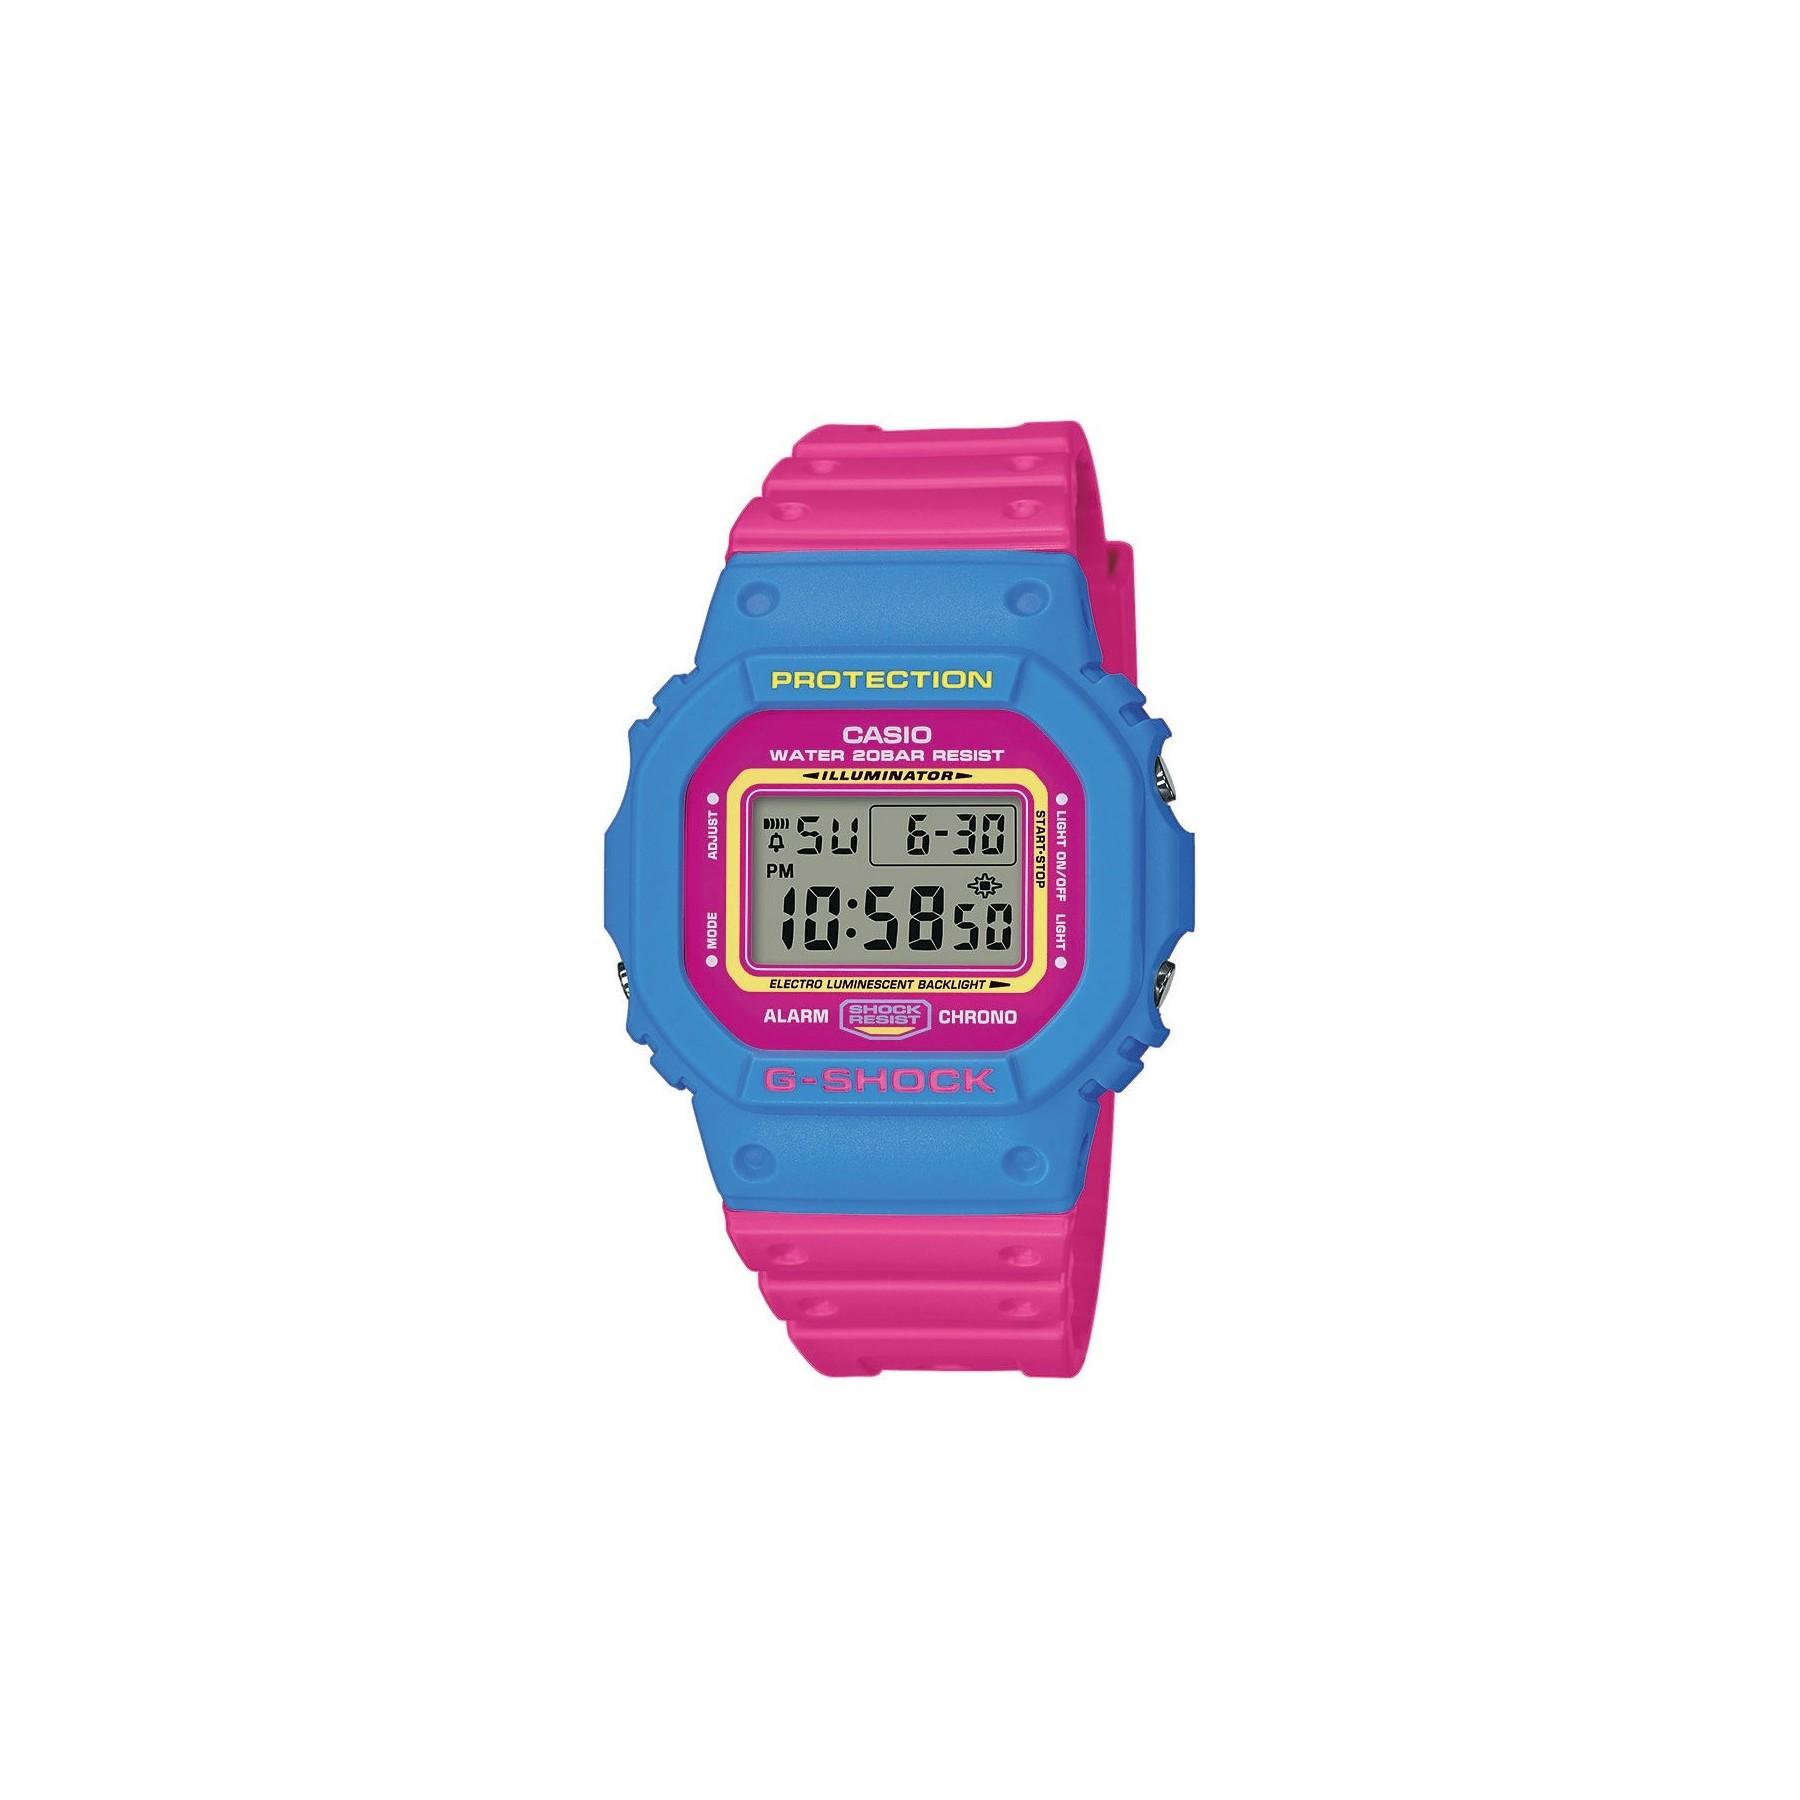 db06f24f0606ff OROLOGIO G-SHOCK DW-5600TB-4BER BLUE/PINK | Atipicishop.com